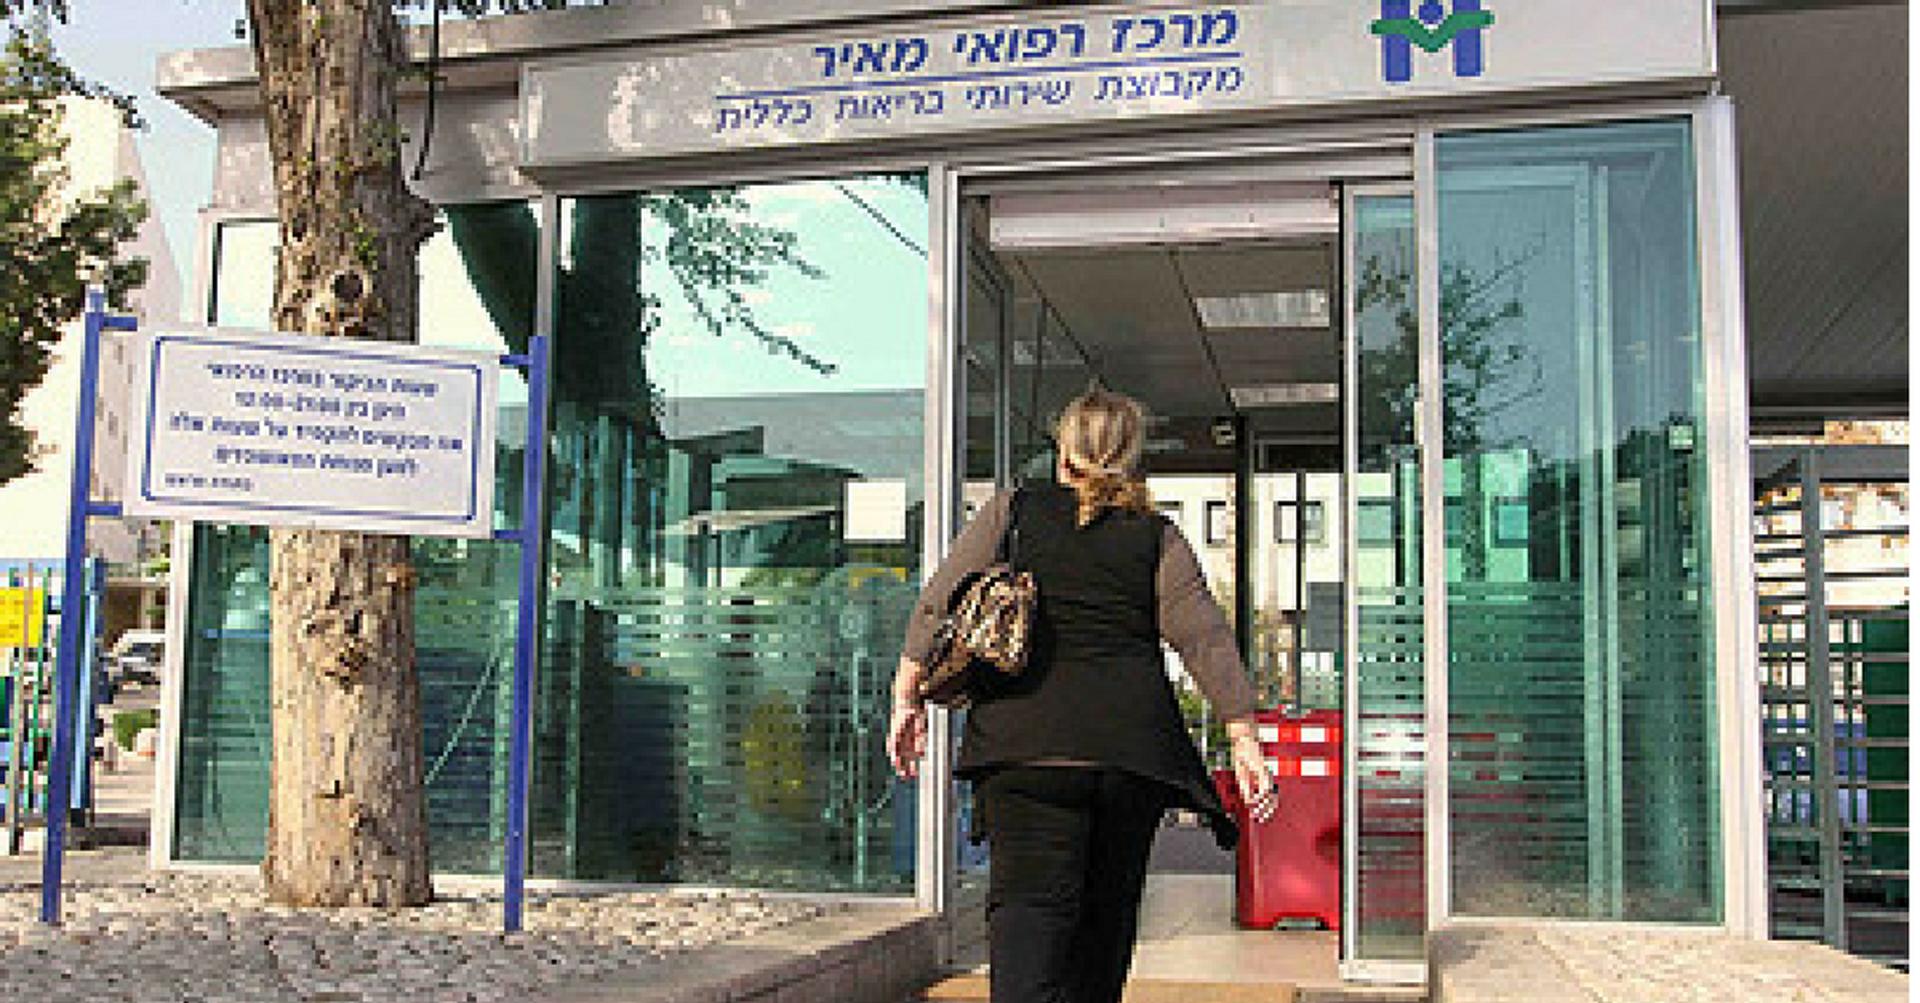 בית חולים מאיר (צילום: עידו ארז)